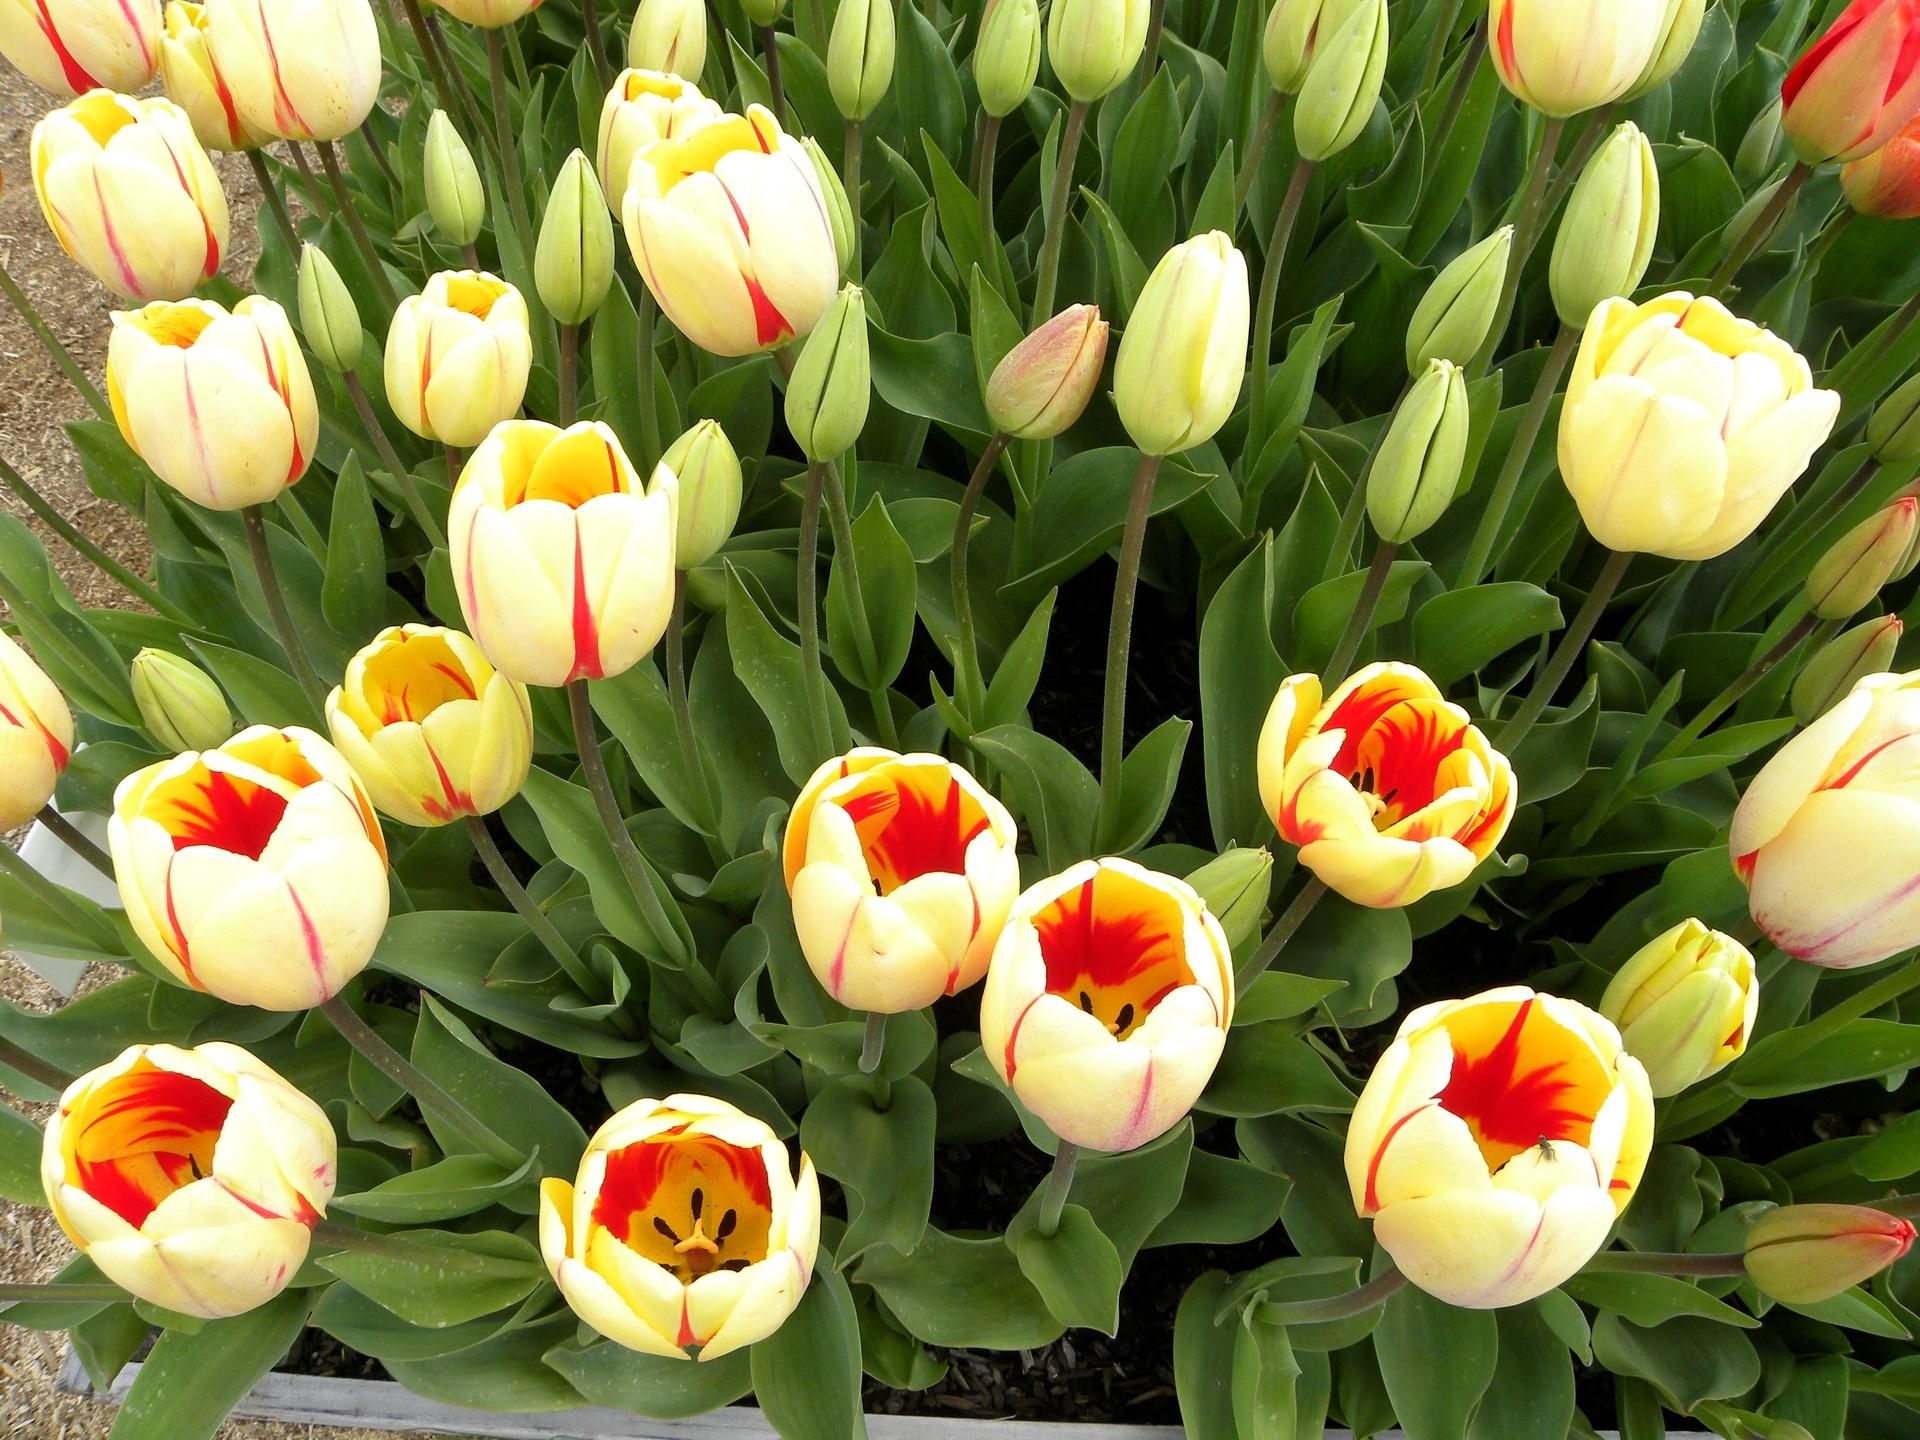 142788 скачать обои Цветы, Бутоны, Зелень, Рассада, Тюльпаны - заставки и картинки бесплатно